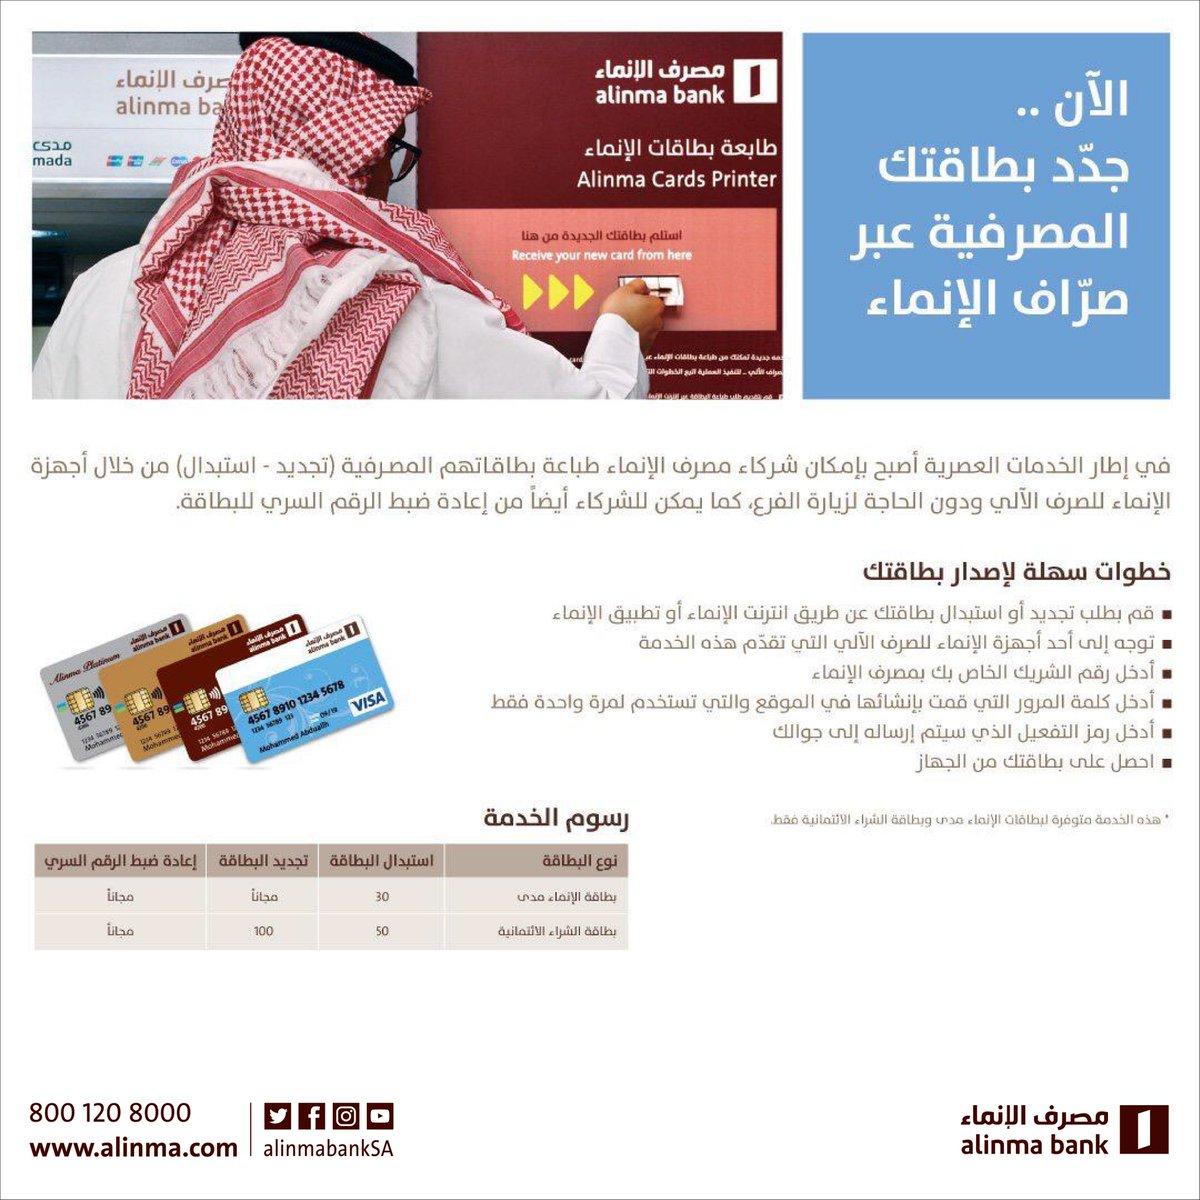 مصرف الإنماء On Twitter خدمات الإنماء يمكنك الآن تجديد بطاقتك المصرفية عبر صراف الإنماء Https T Co Whsbo3mvwq